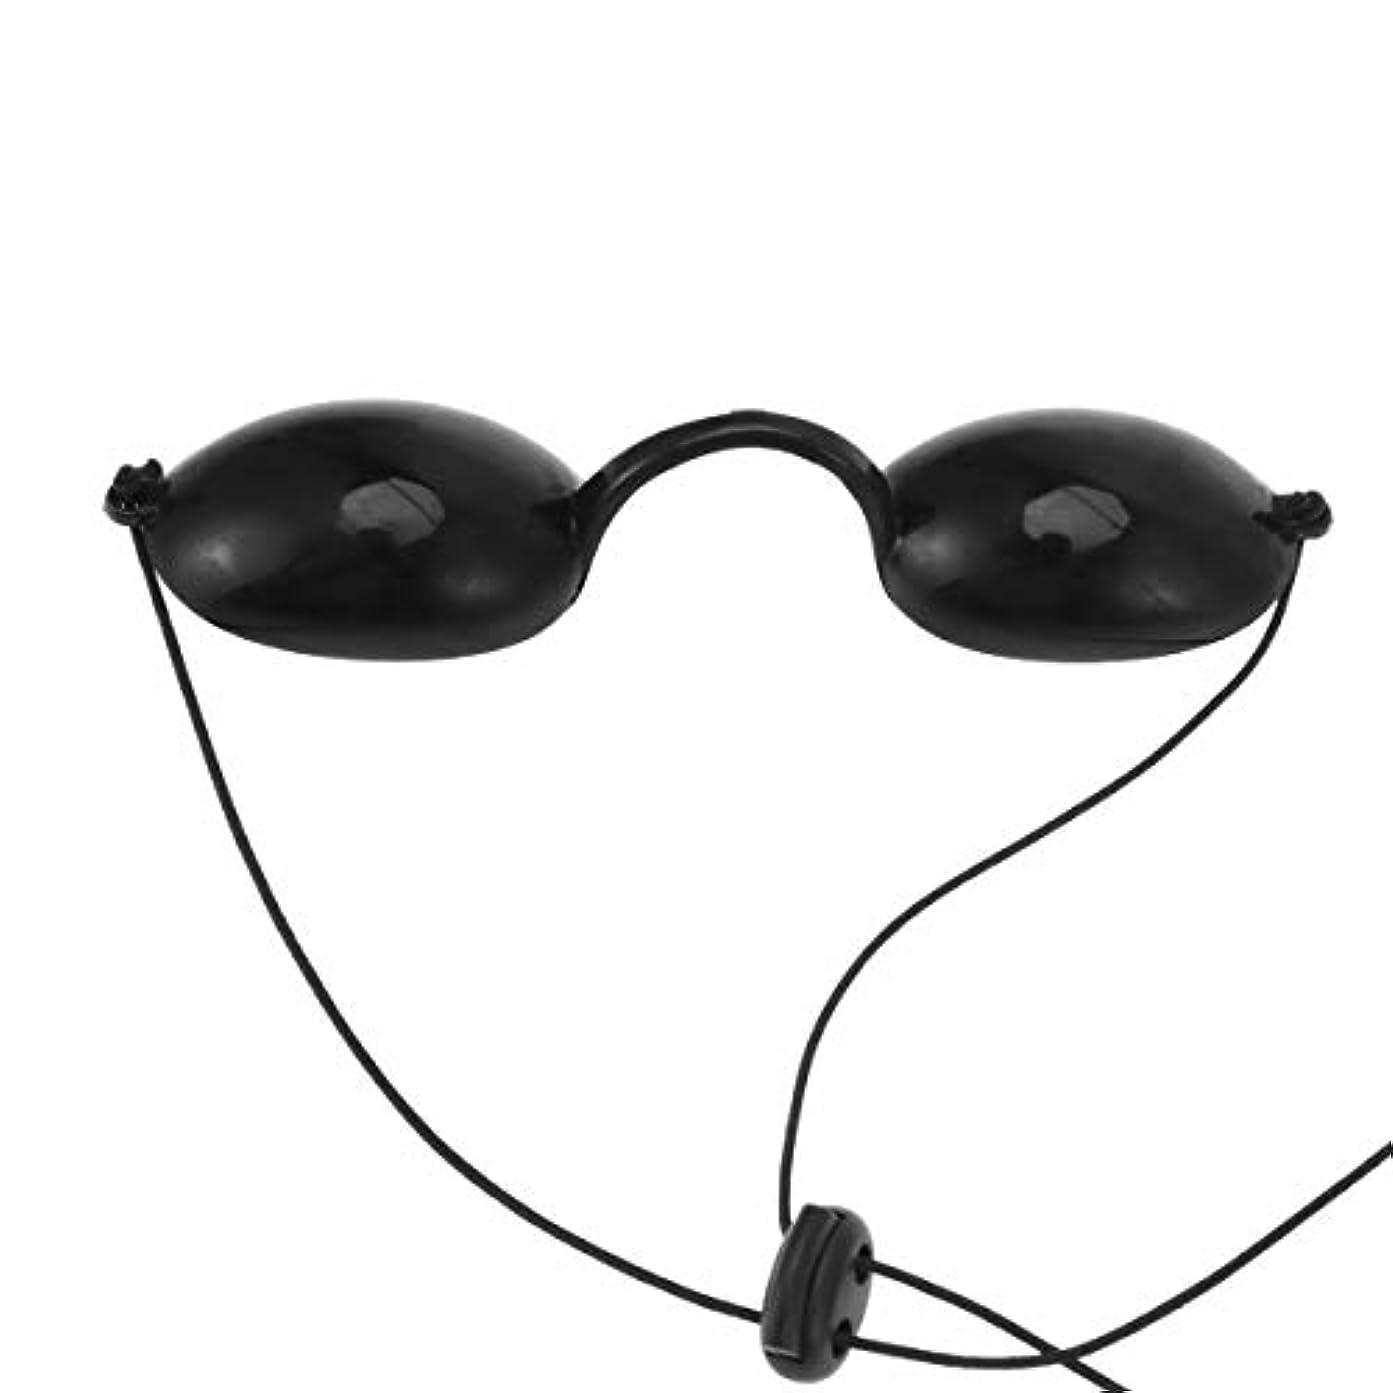 トロリーブランデー飢えたSUPVOX成人日焼けゴーグルUVプロテクションアイパッチライトセラピーメガネアイカラー(ブラック)